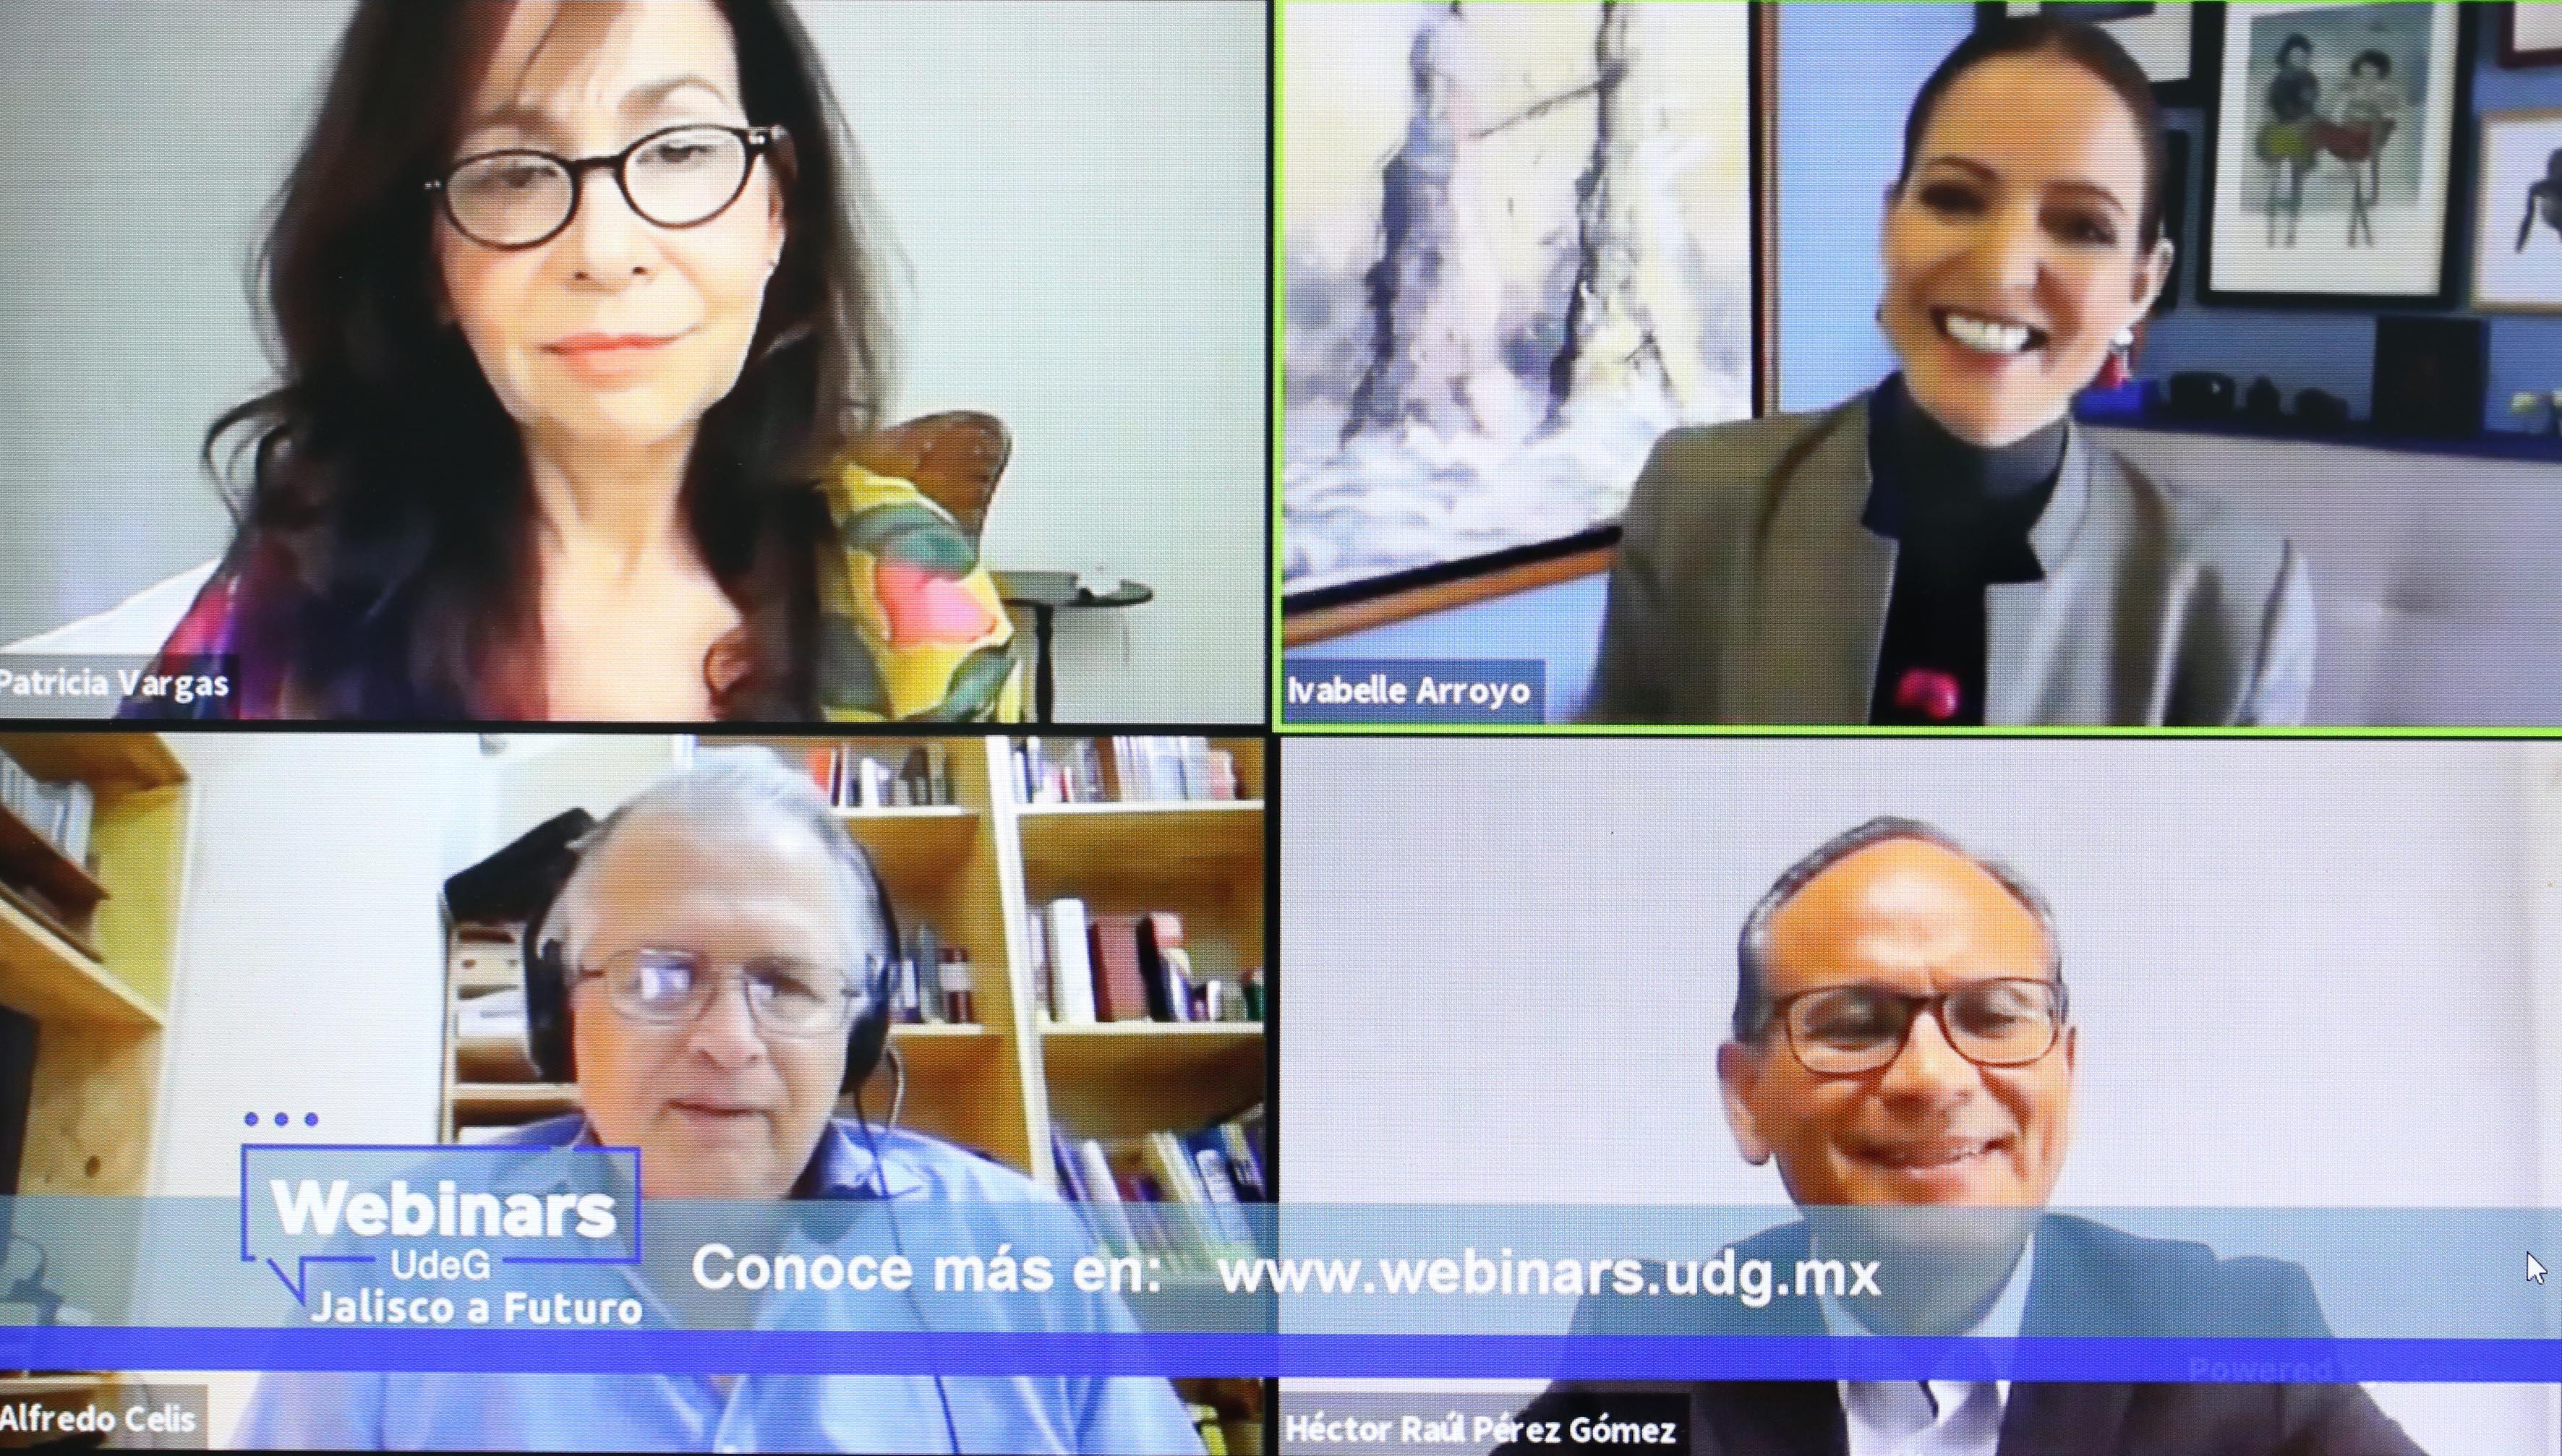 Participantes en el Webinar, imagen tomada de la transmisión por Zoom